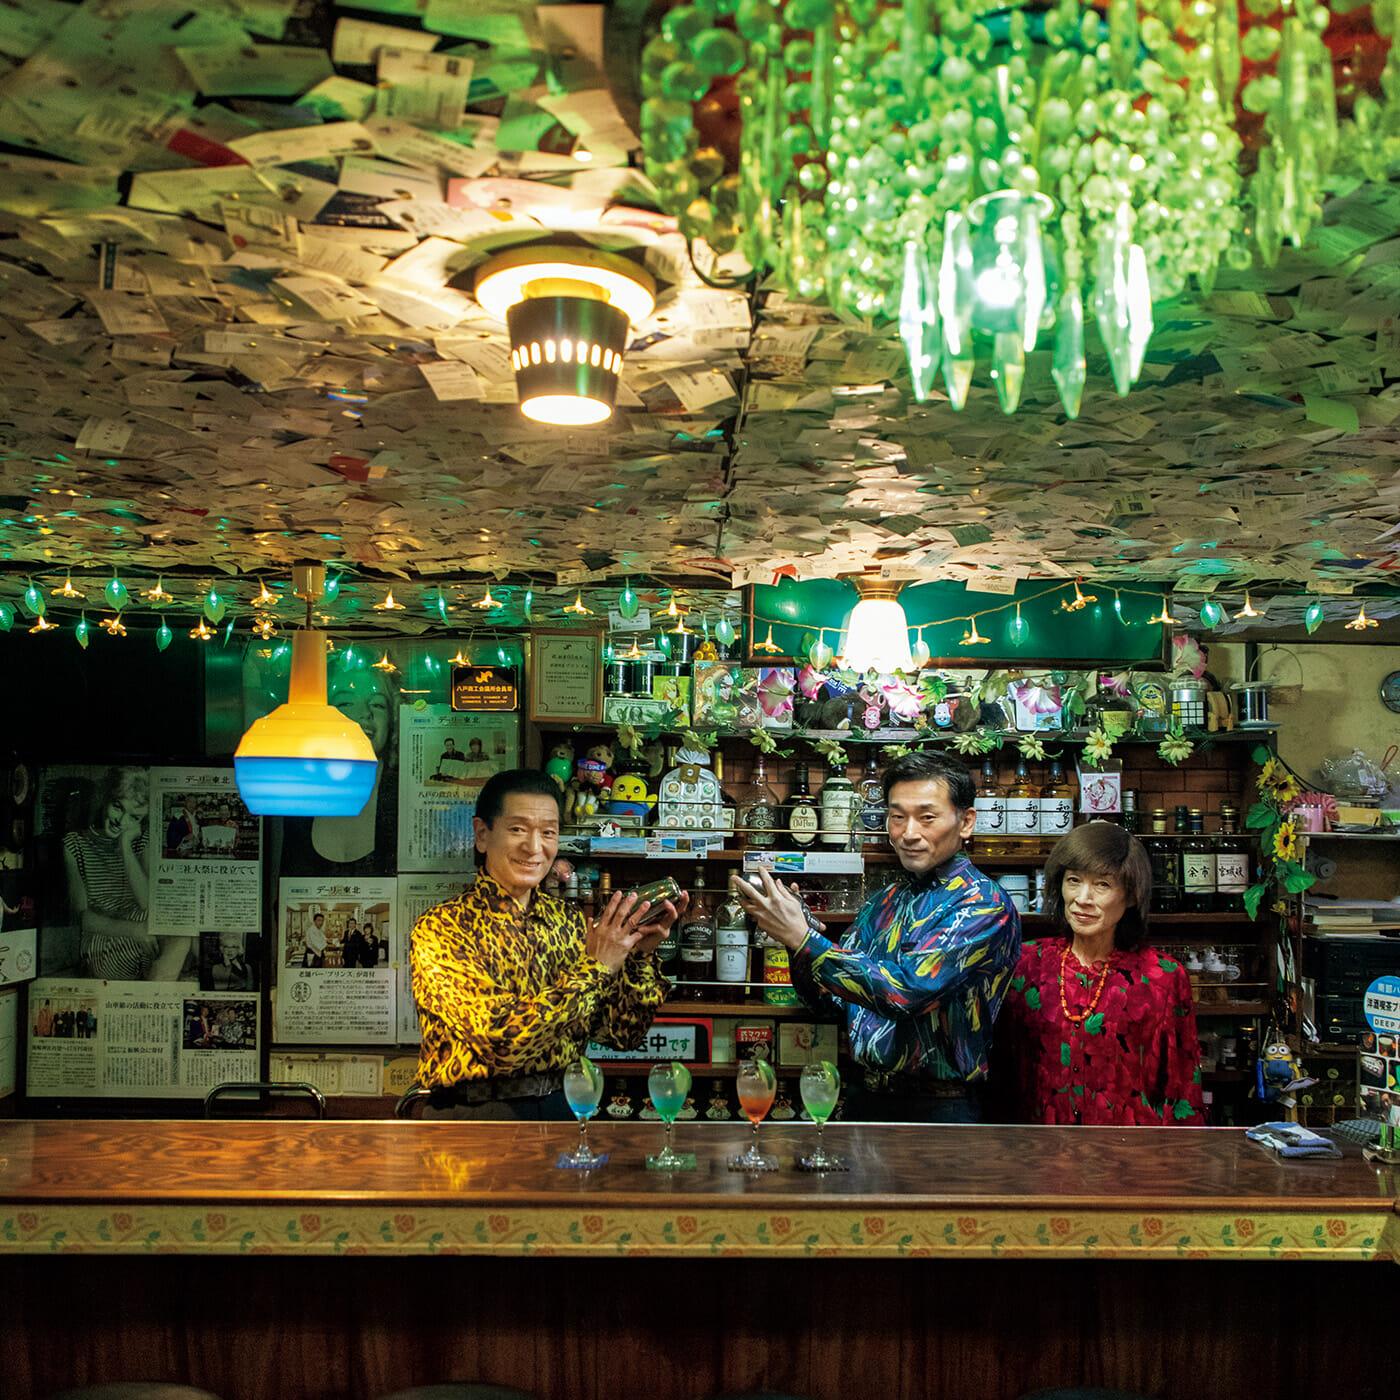 シャンデリアがきらびやかな〈洋酒喫茶プリンス〉の店内。左から、店主の佐々木良藏さん、息子の康貴さん、妻の幸代さん。ポーズが決まる。